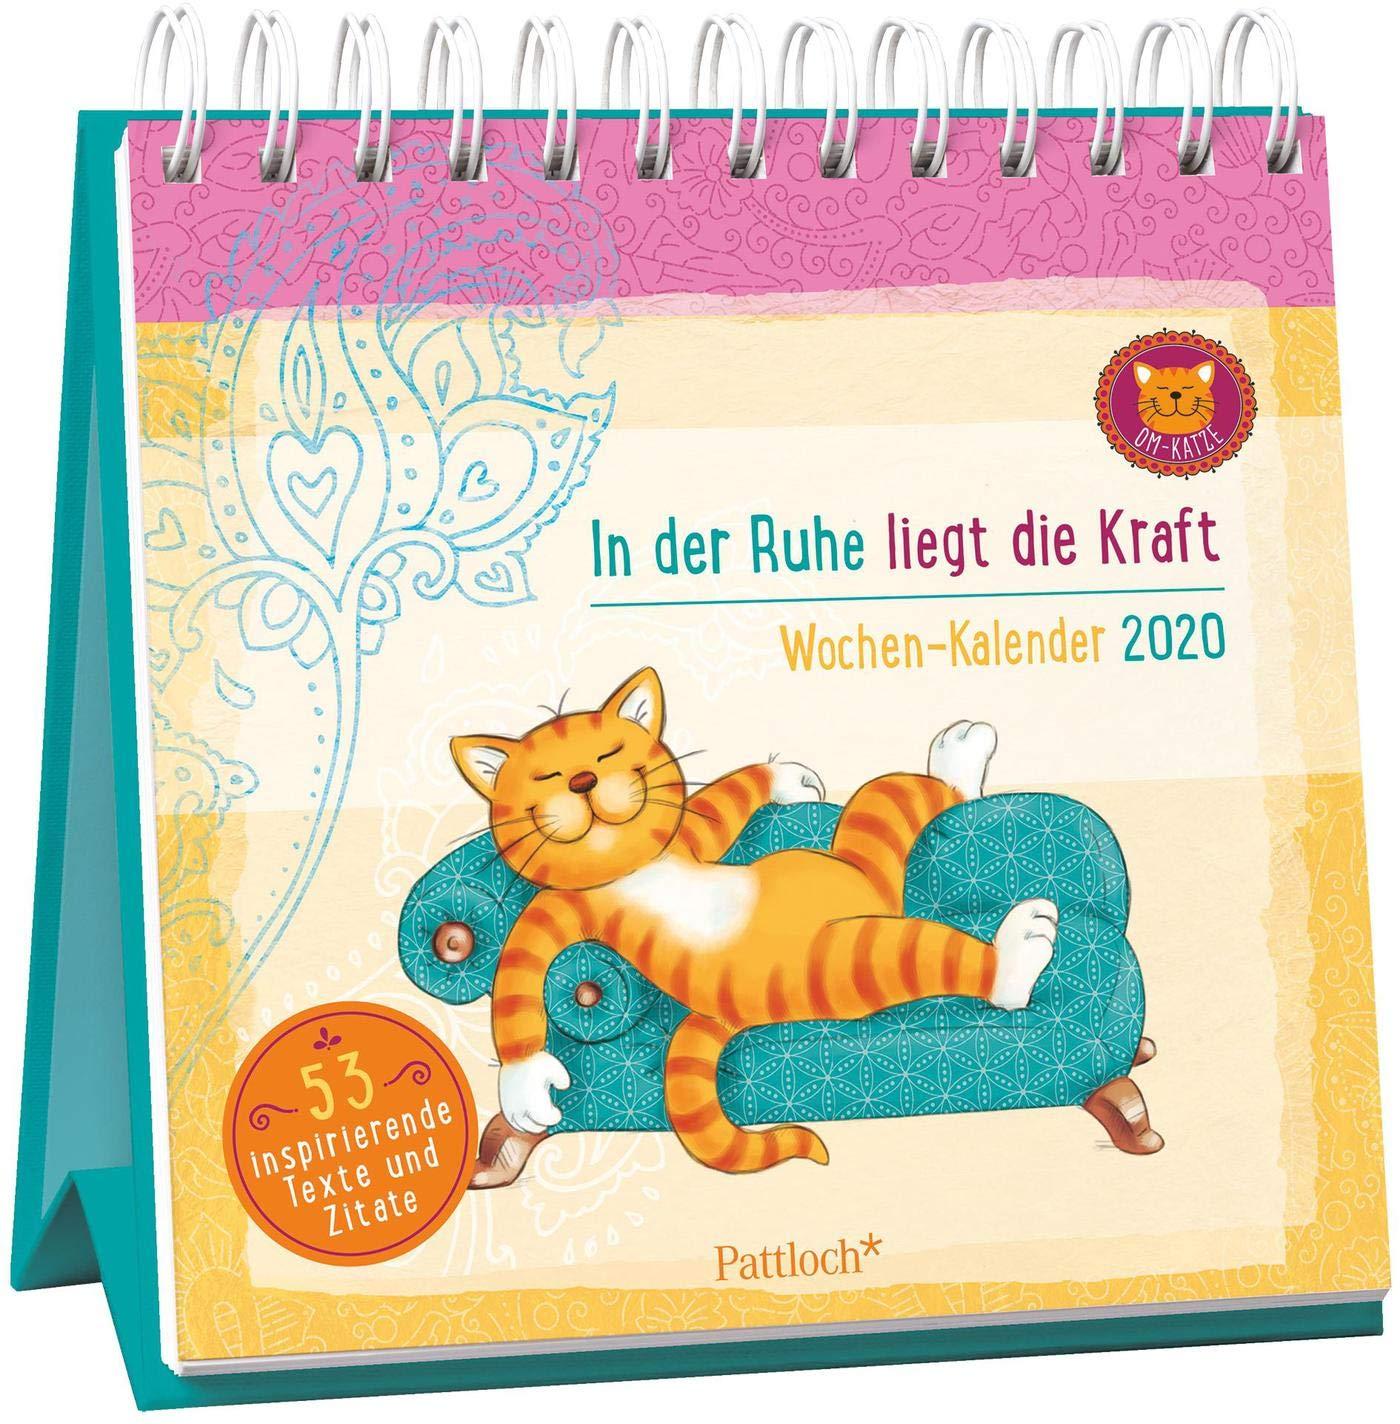 U Of M Calendar 2020 Om Katze: In der Ruhe liegt die Kraft   Wochen Kalender 2020: zum